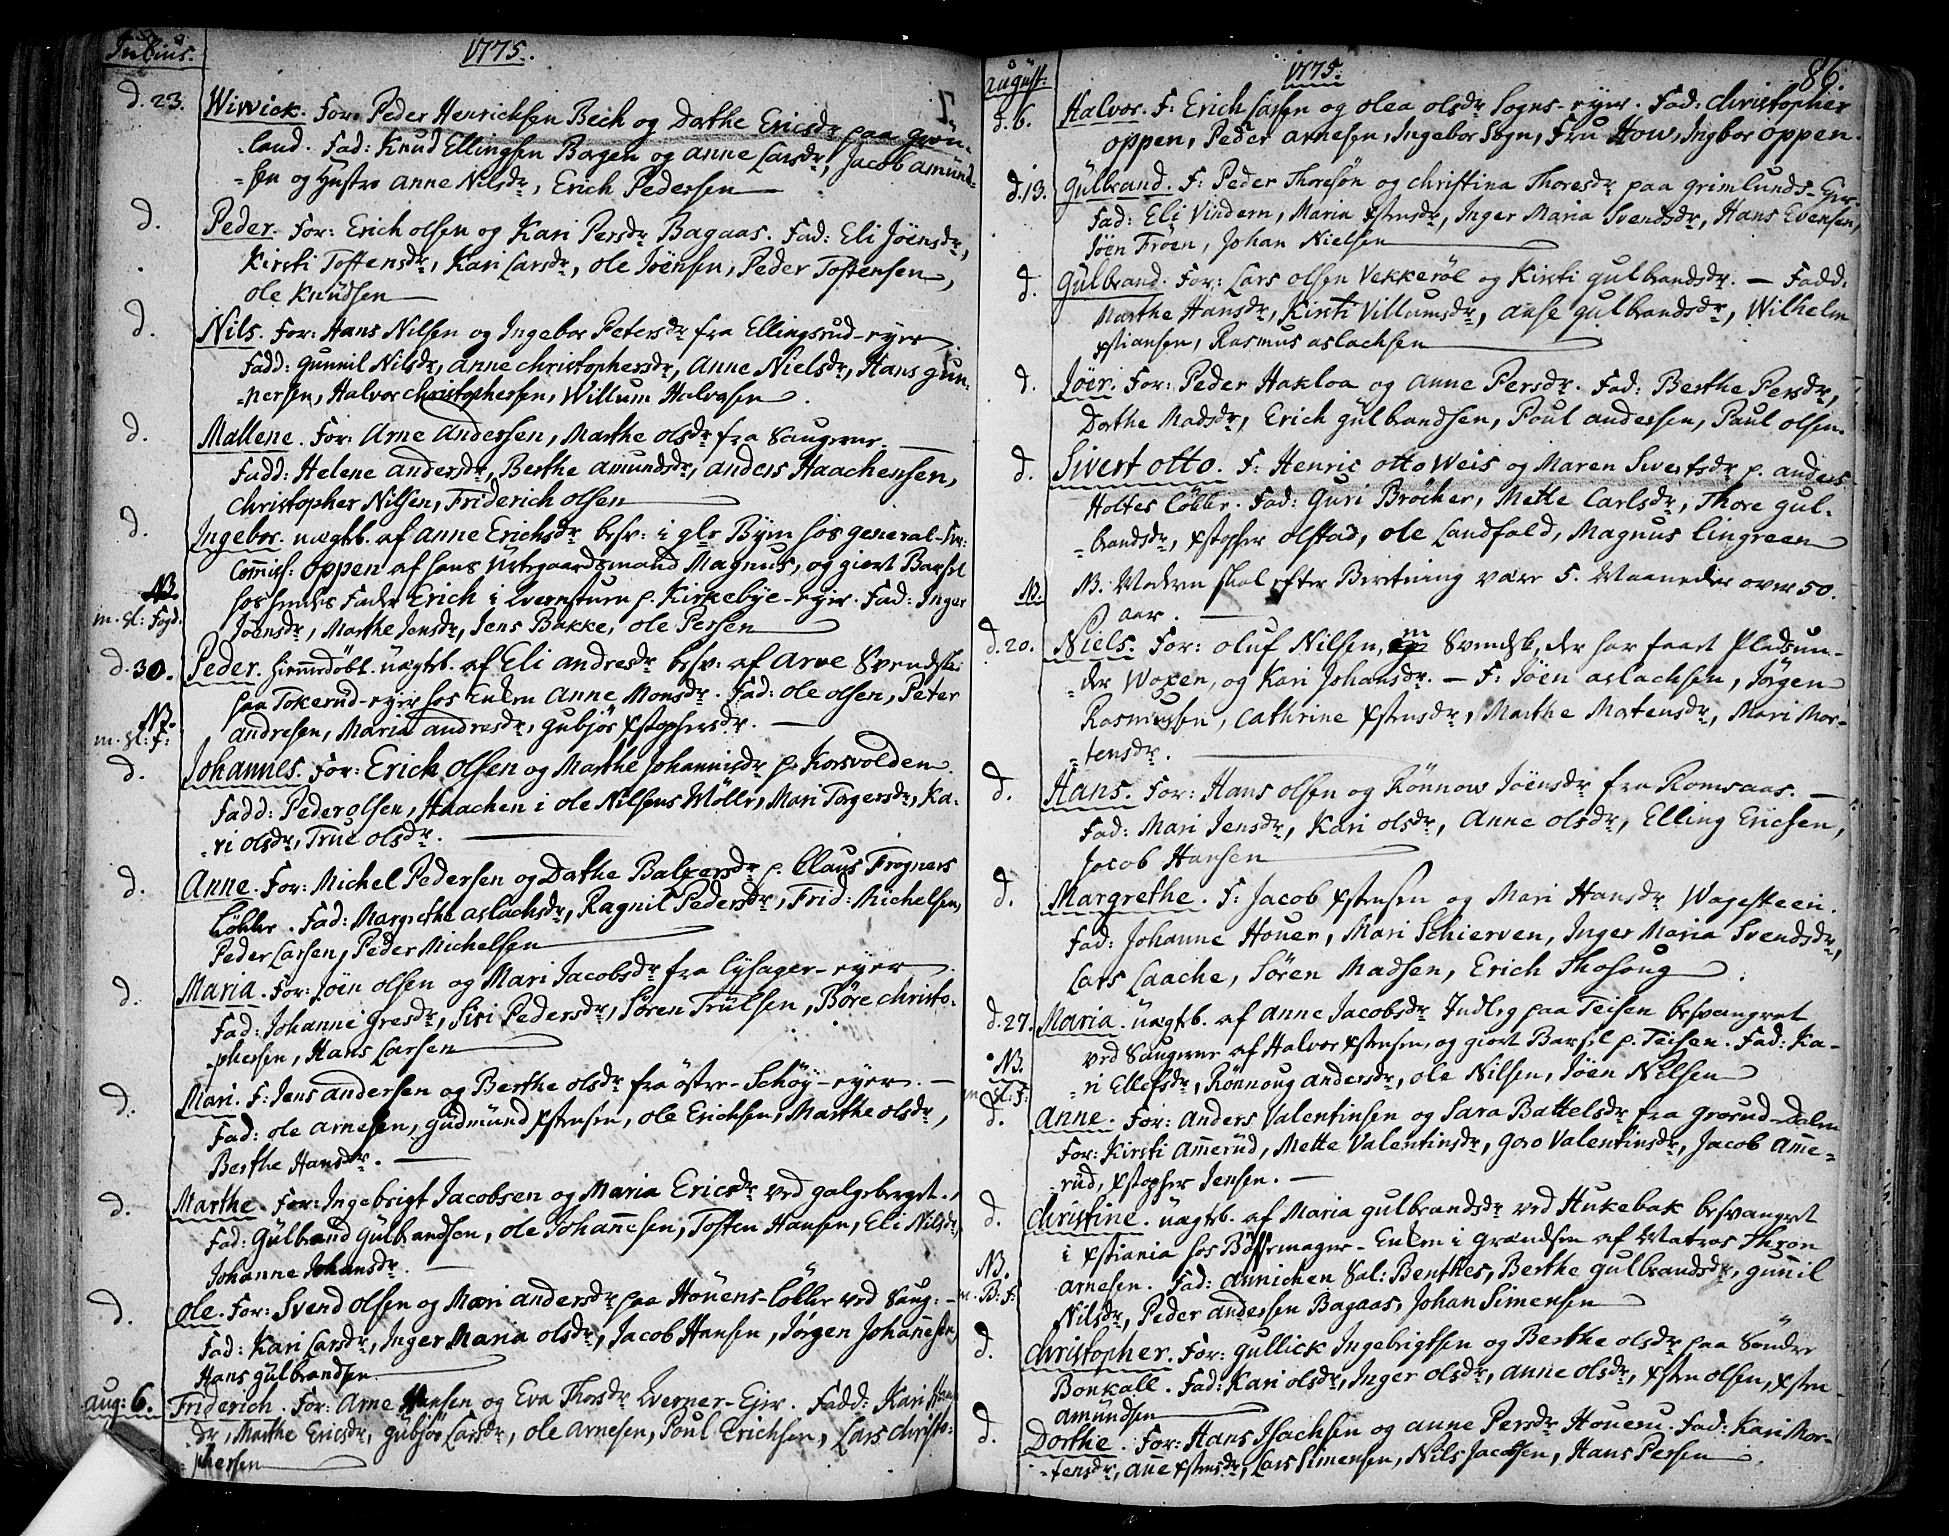 SAO, Aker prestekontor kirkebøker, F/L0009: Ministerialbok nr. 9, 1765-1785, s. 86